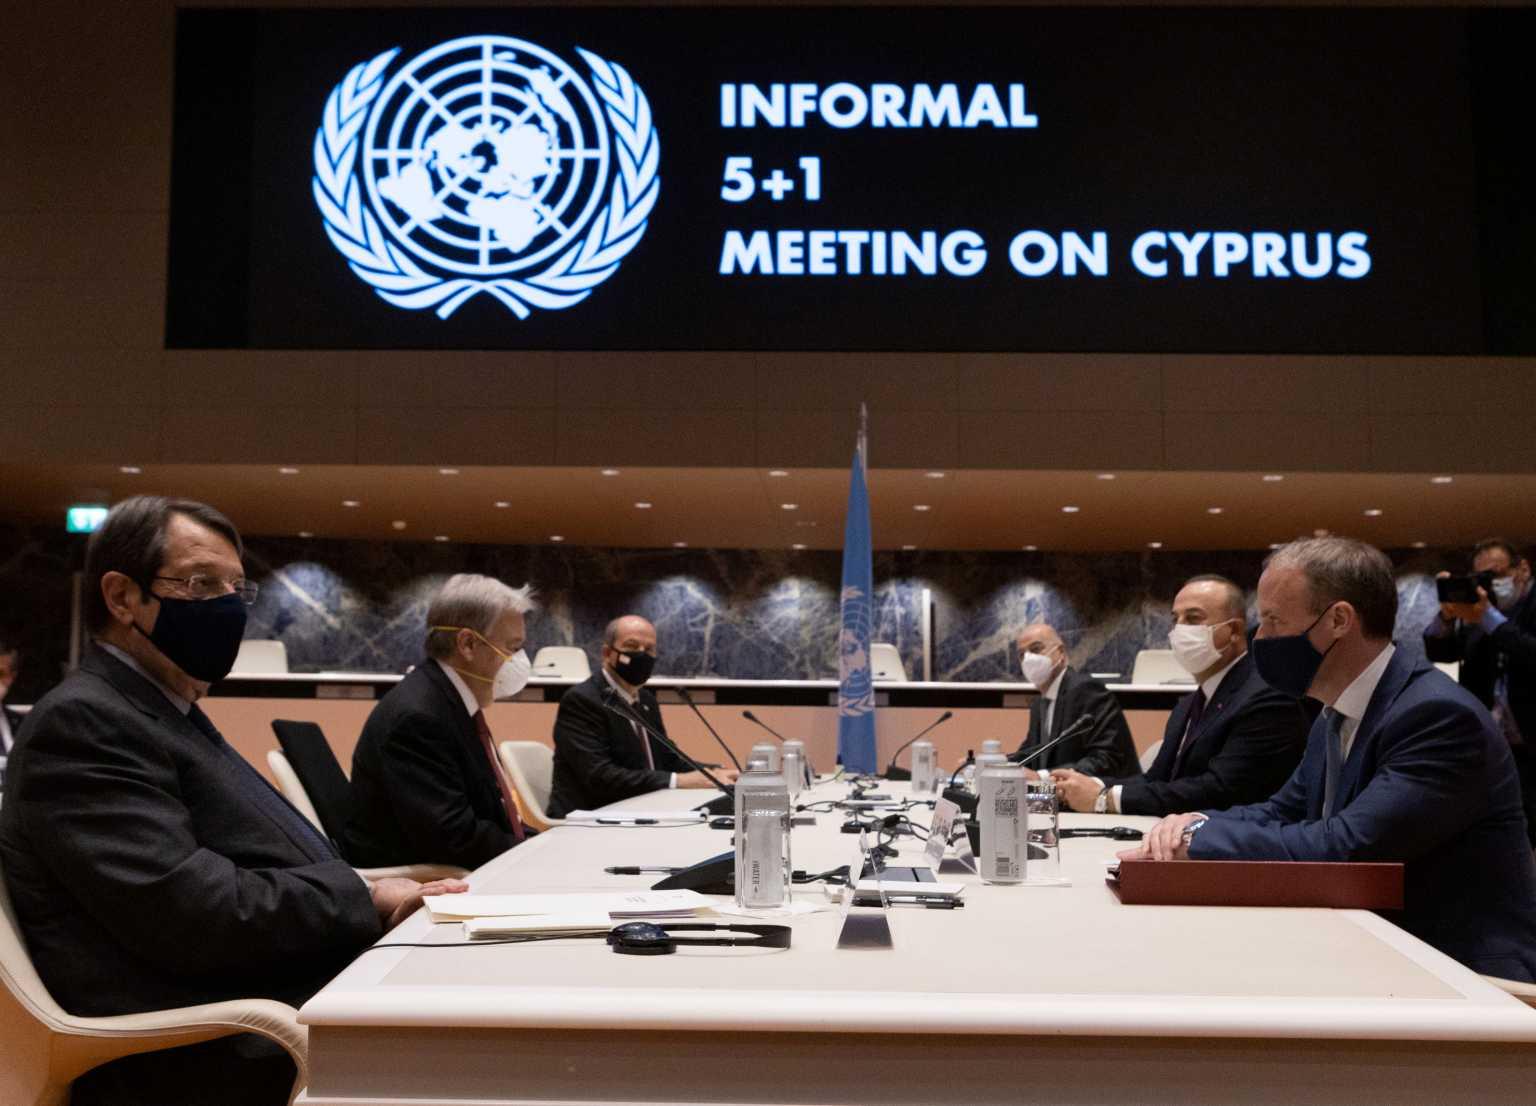 Κυπριακό: Αδιέξοδο στην Γενεύη – Νέες συναντήσεις σε 2 μήνες